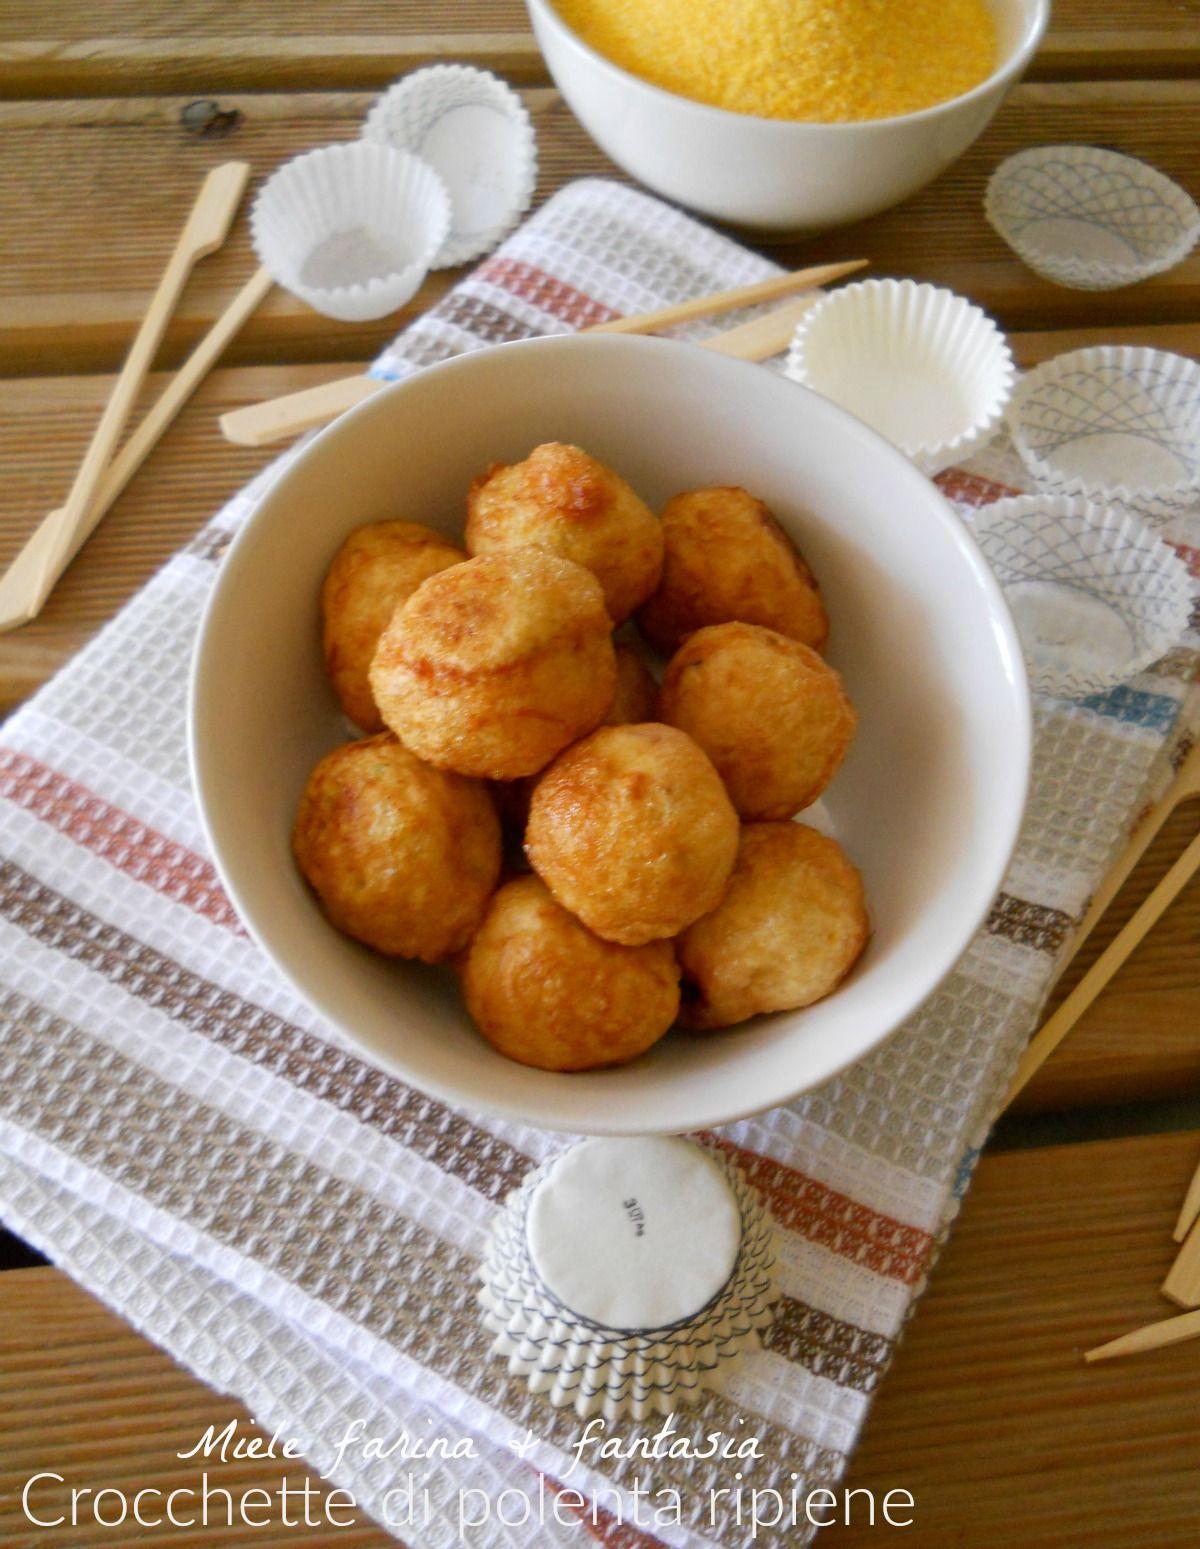 Crocchette di polenta farcite.Ricetta finger food.Ottime negli antipasti, buffet. Da personalizzare e da preparare anche in anticipo